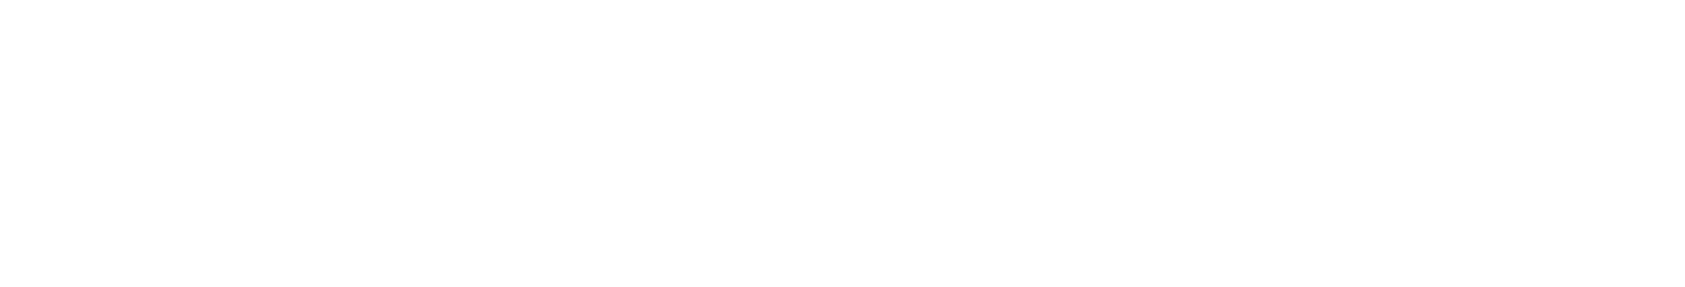 kpmg-logo-1